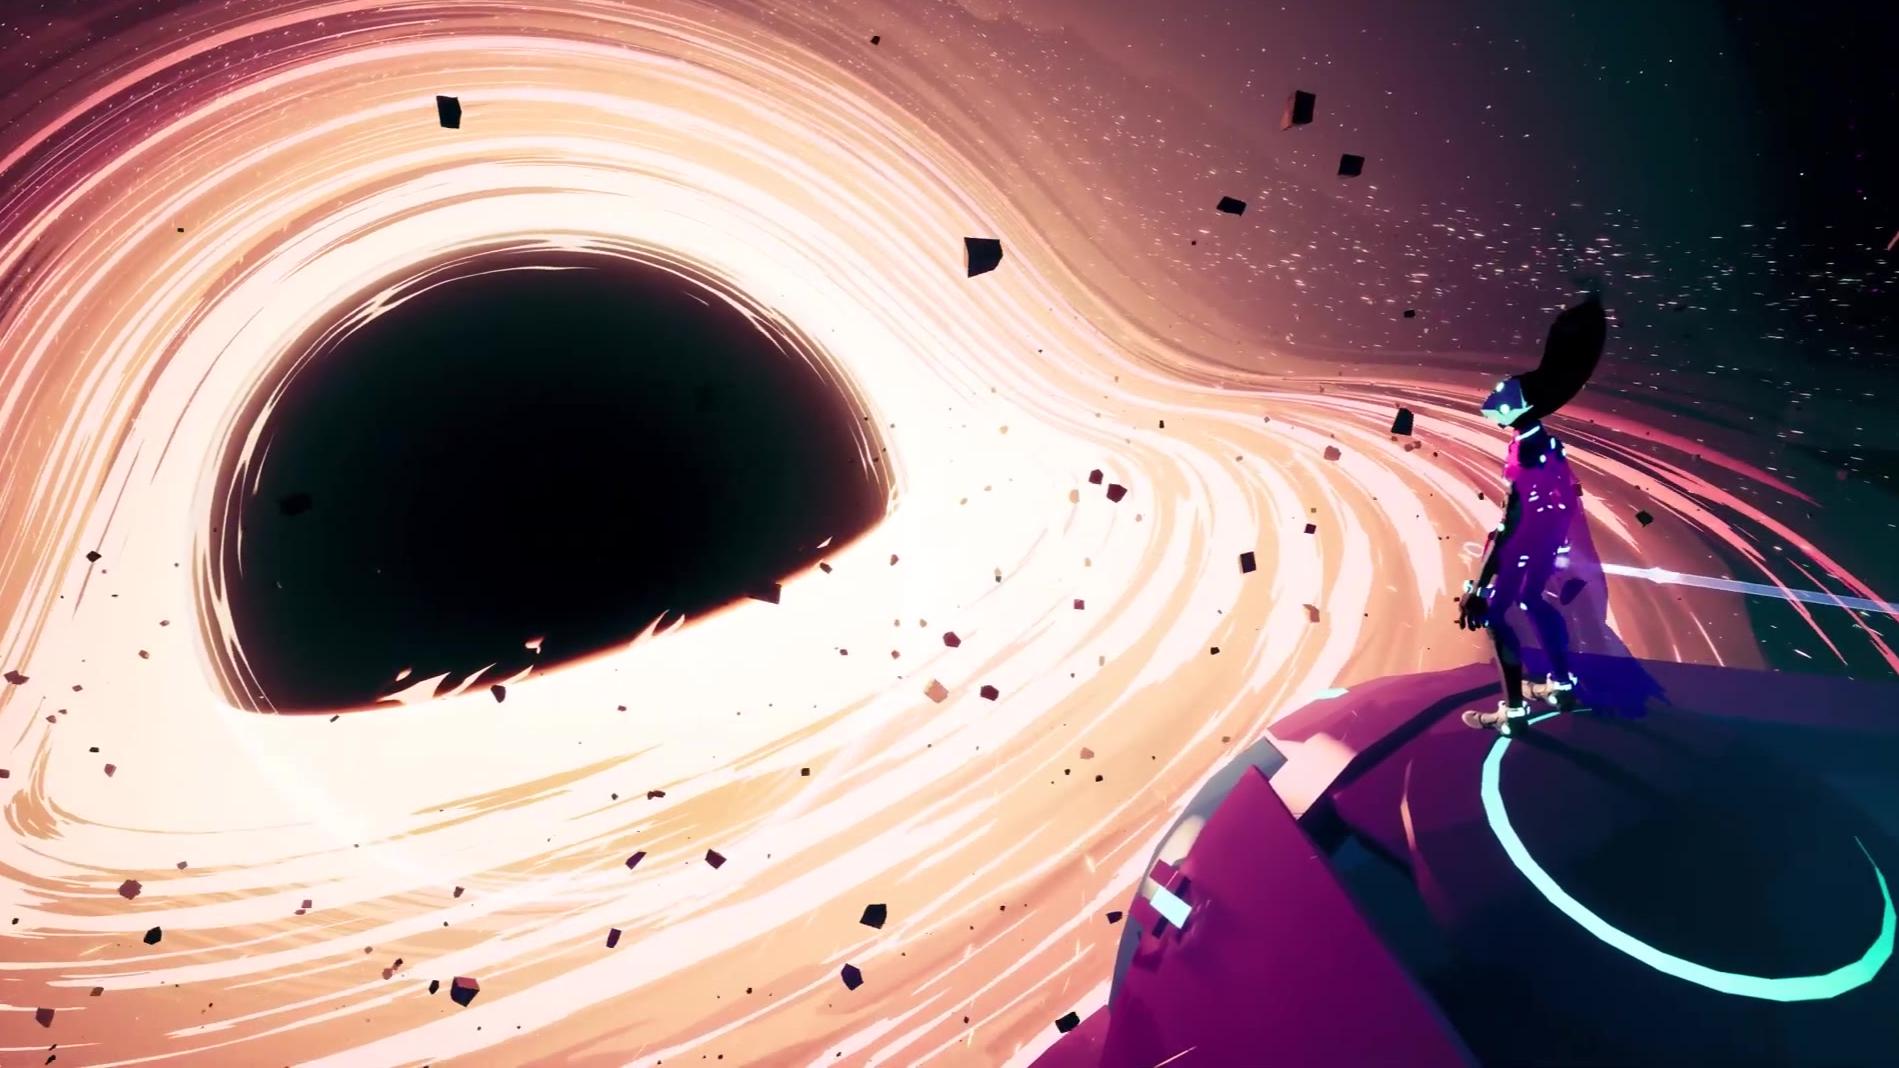 《光明旅者》制作团队新作《SOLAR ASH》公开